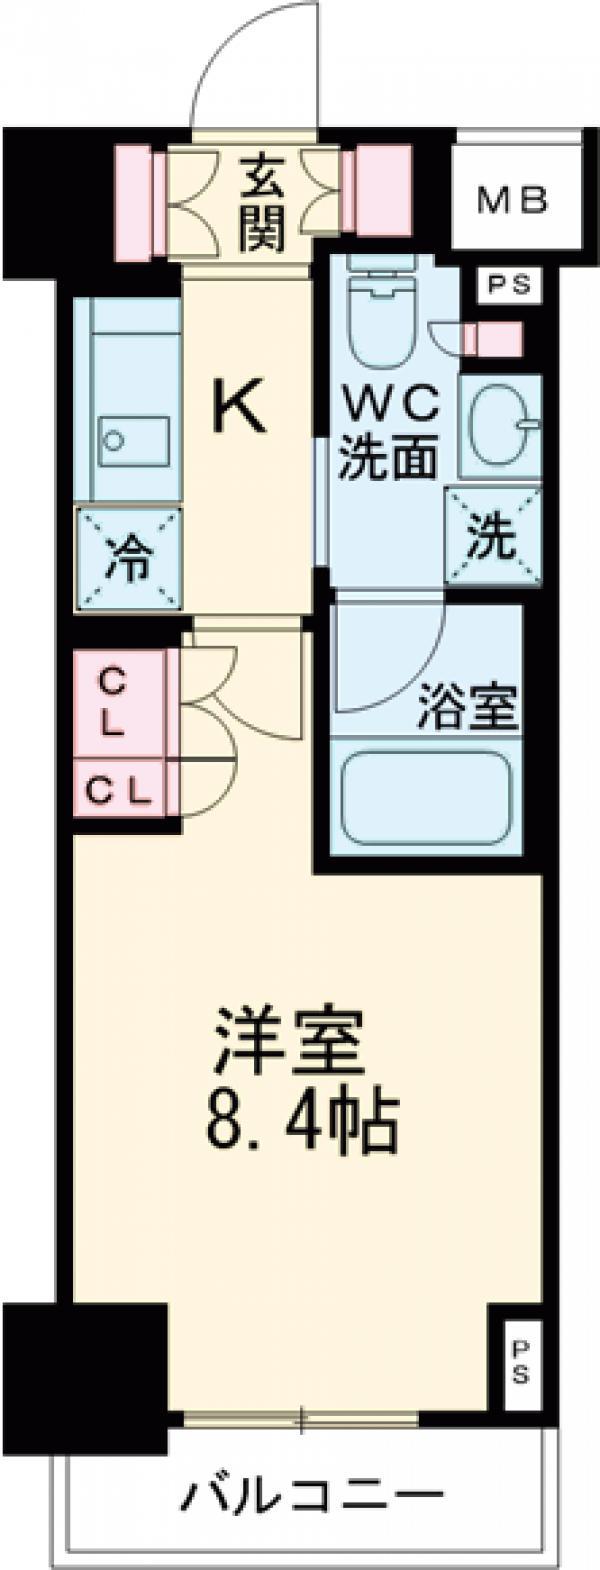 プラウドフラット西早稲田・304号室の間取り